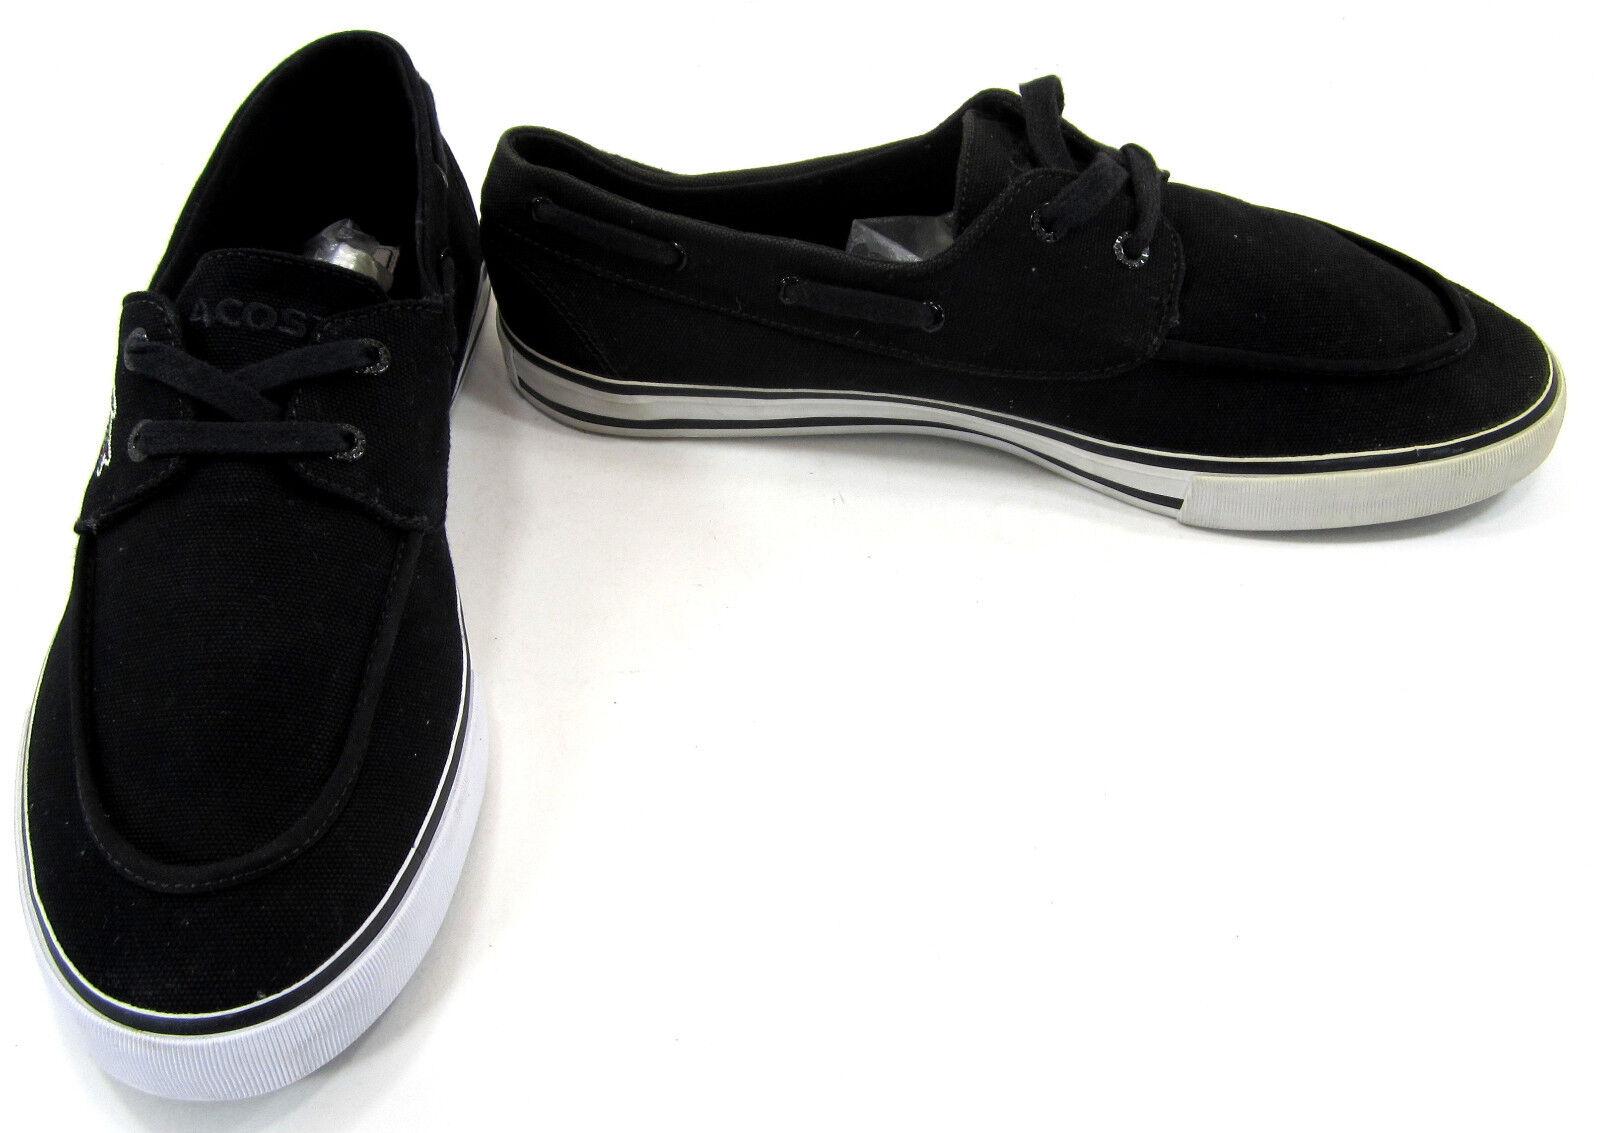 LaCoste Boat scarpe Bateau Lo Canvas  nero  bianca Topsiders Dimensione 10.5  migliori prezzi e stili più freschi